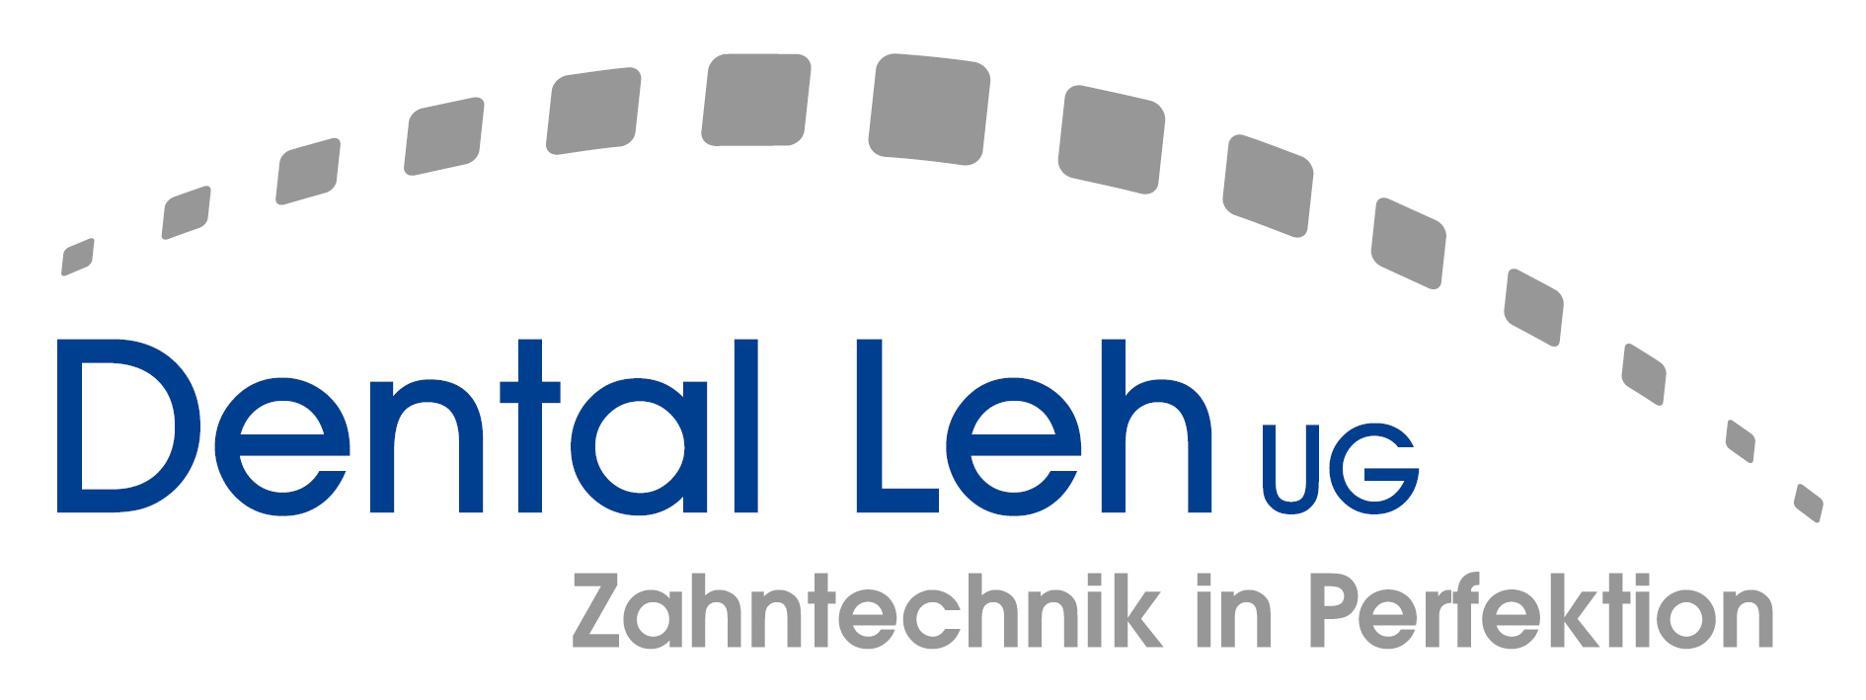 Dental Leh UG (haftungsbeschränkt) in Berlin